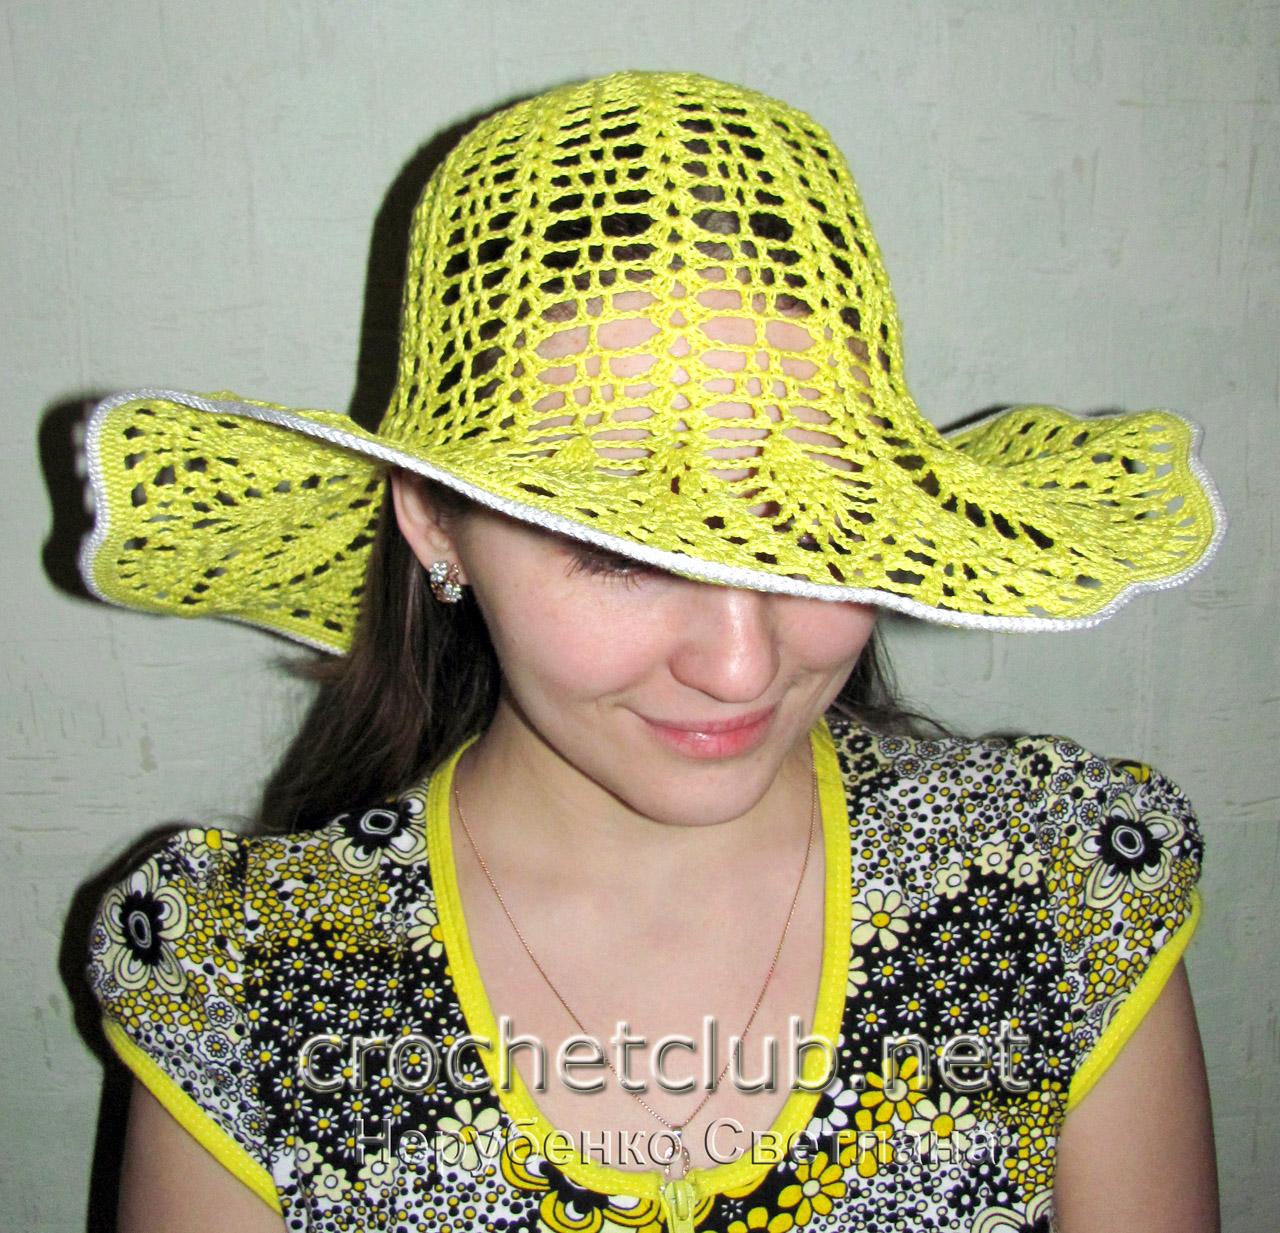 http://crochetclub.net/blog/wp-content/uploads/2012/02/jeltaya_shlyapa_kruchkom_2.jpg